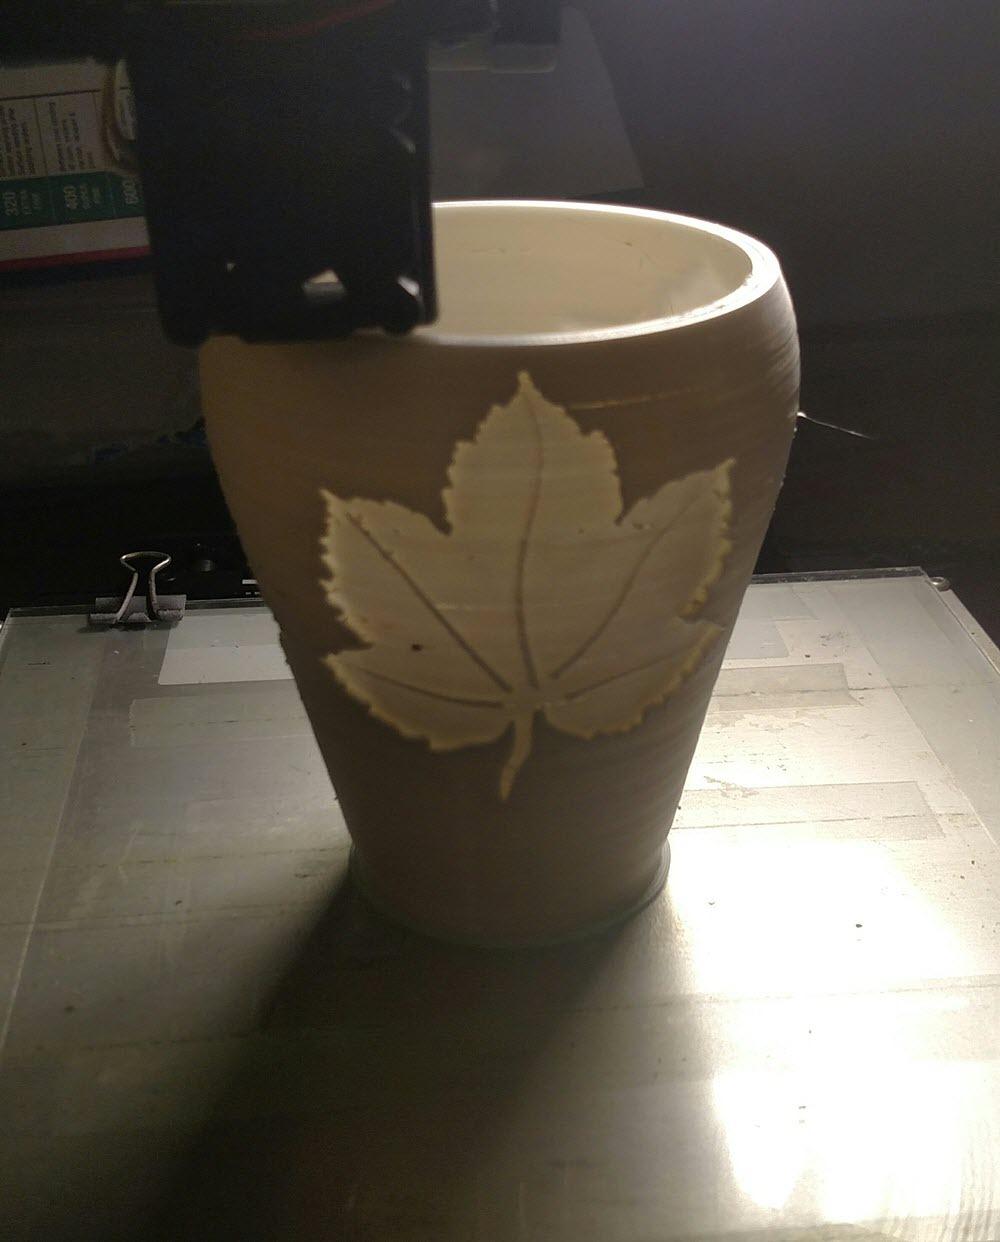 Vase being printed